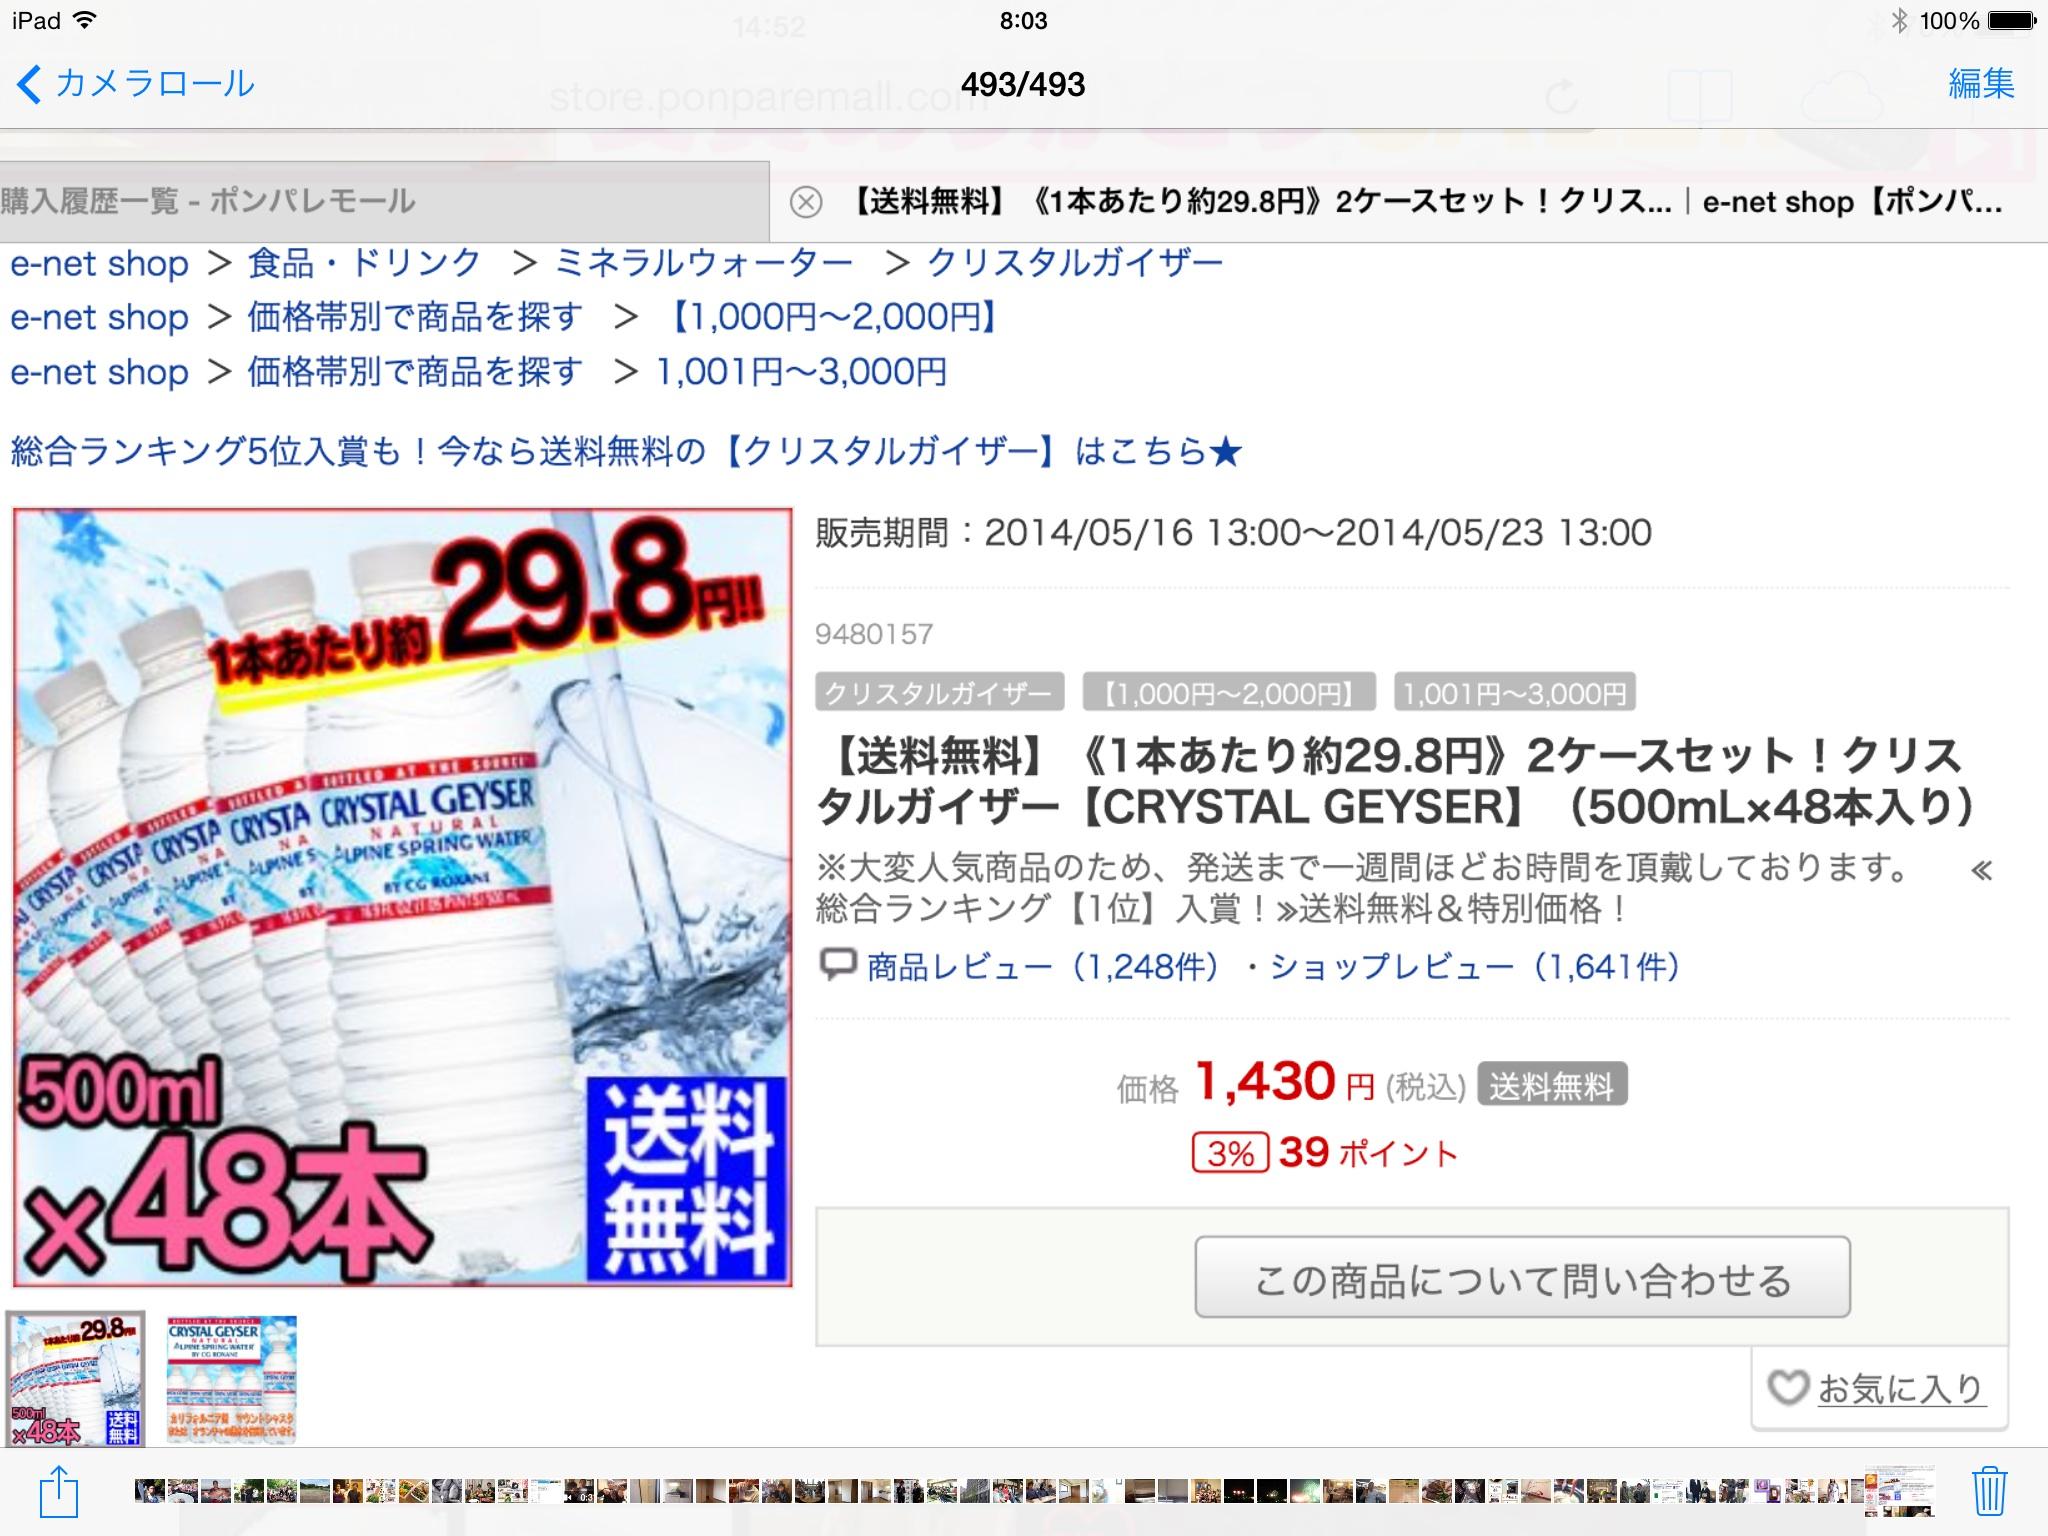 20140529080808098.jpg